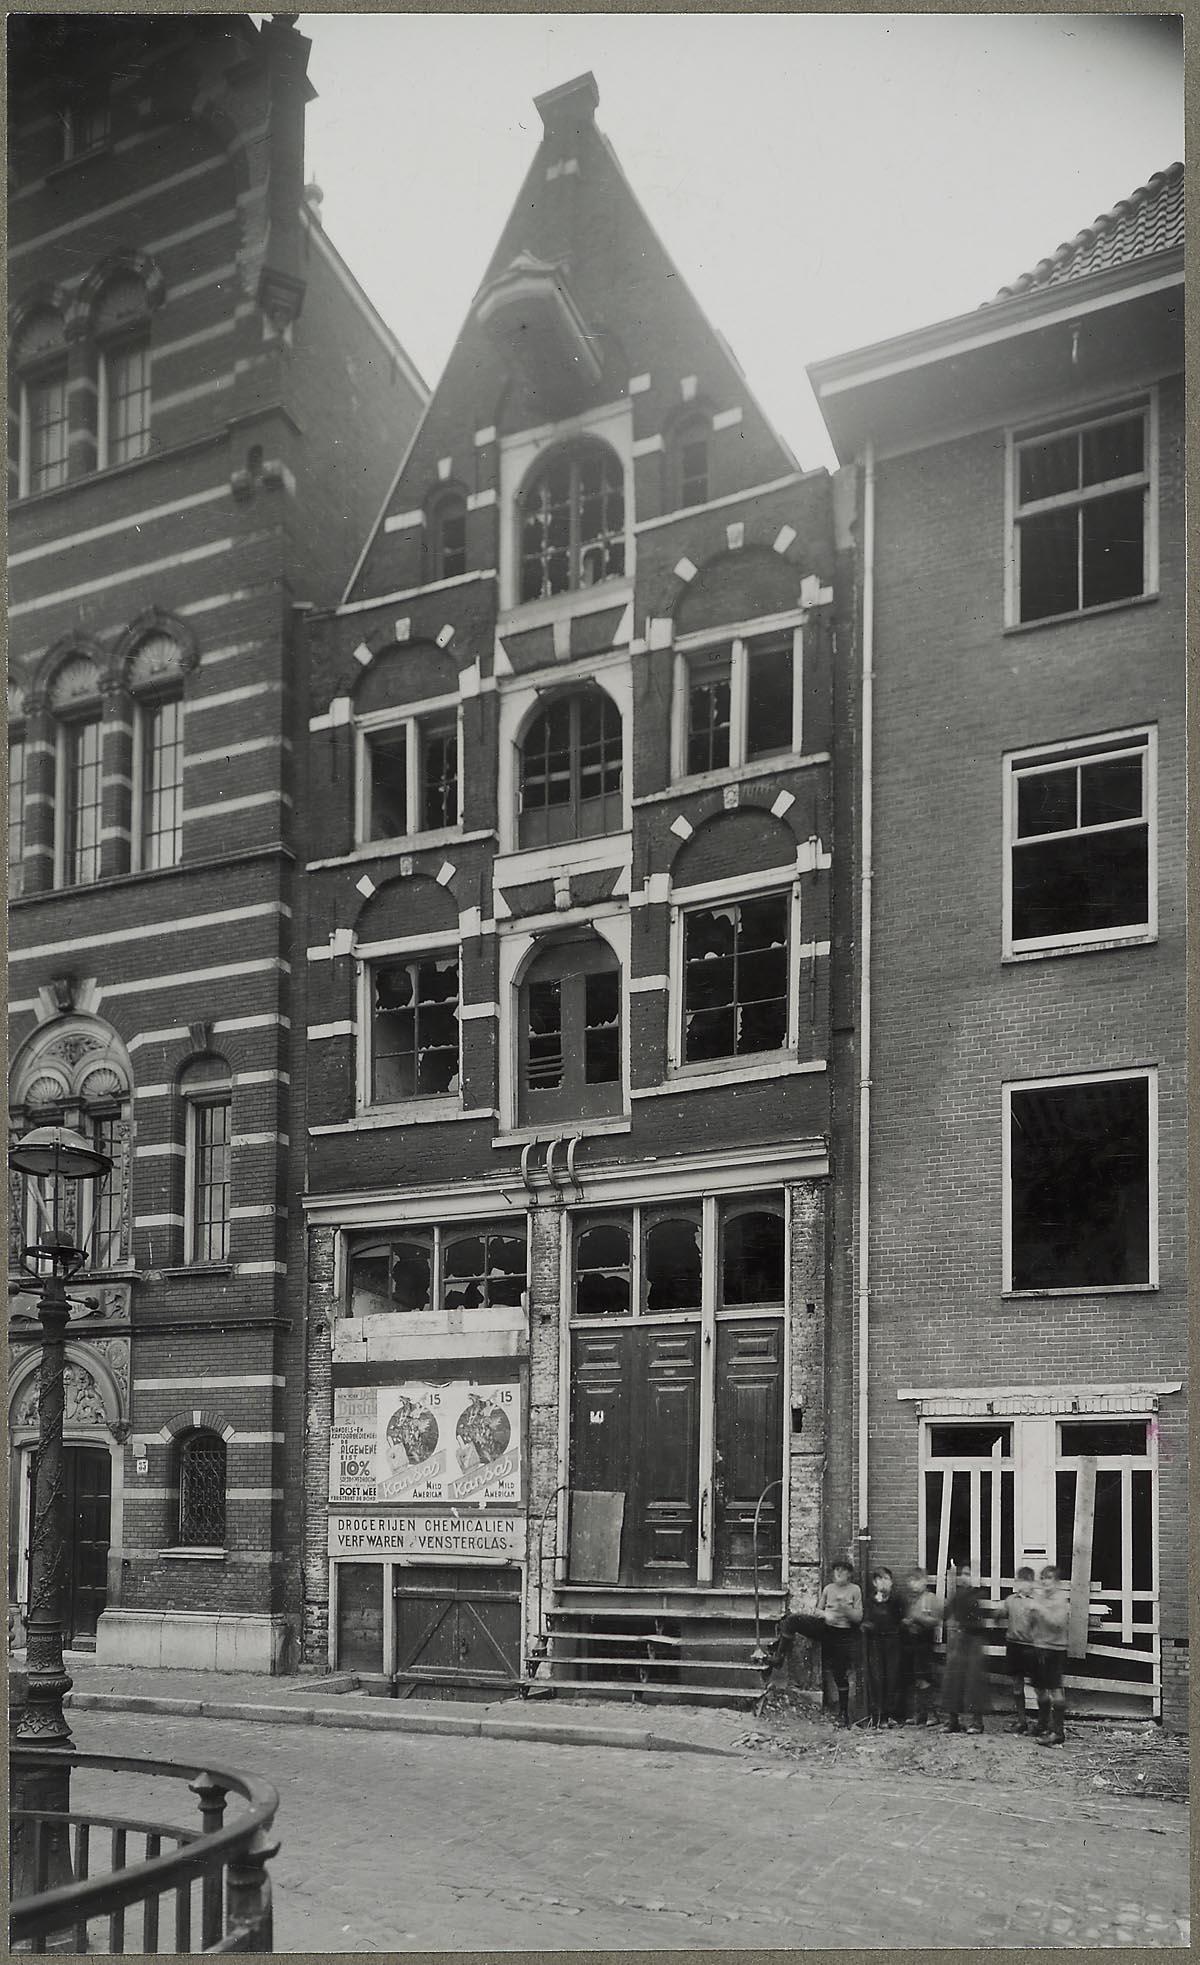 Amsterdam oude schans 37 overzicht gevel huis met schade geheugen van nederland - Huis verlenging oud huis ...